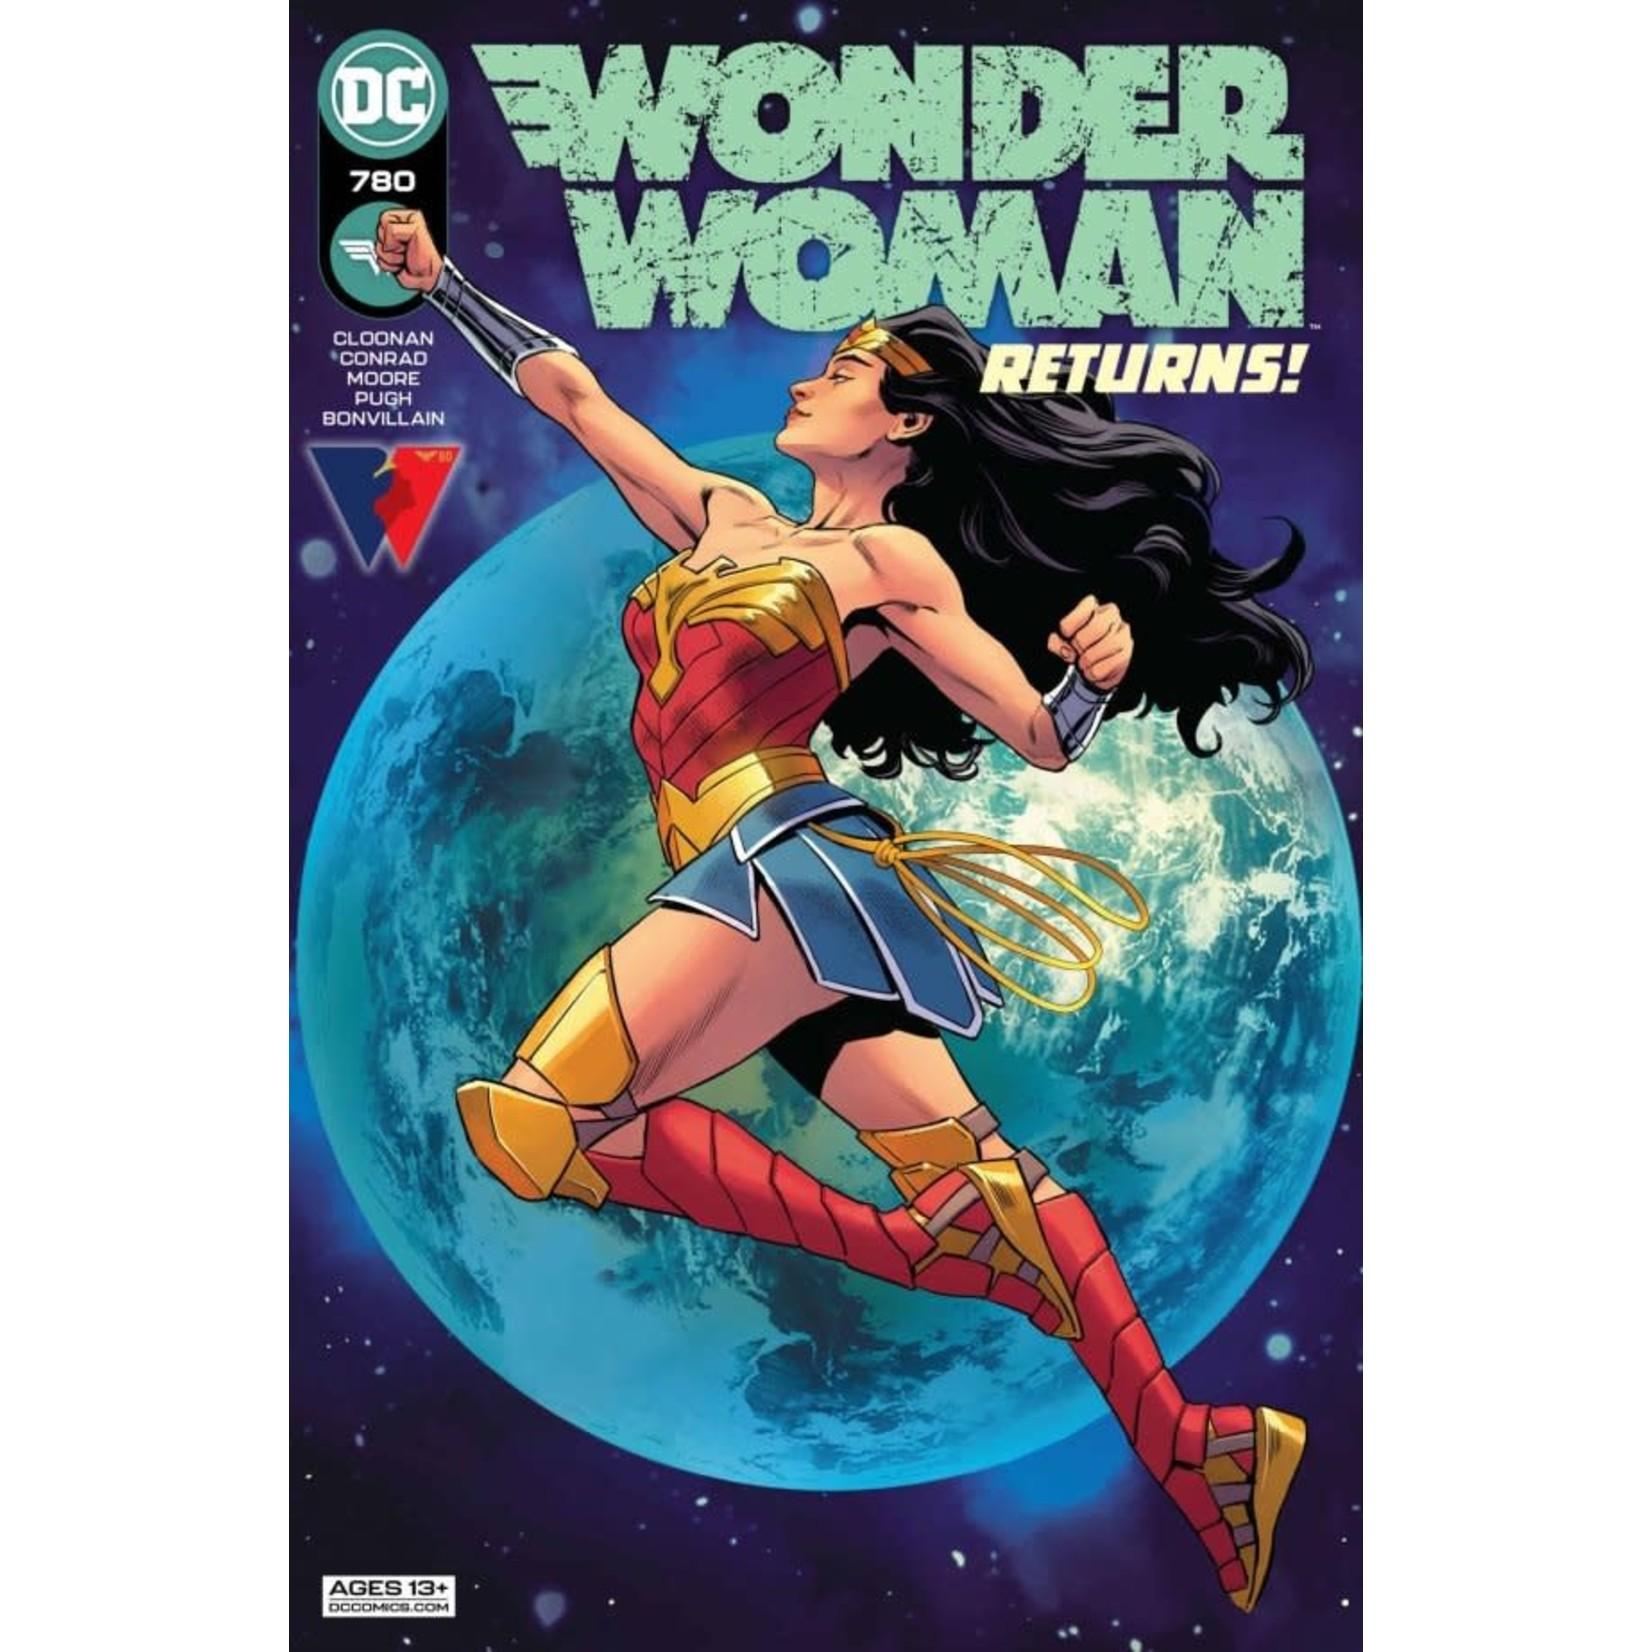 DC Comics Wonder Woman #780